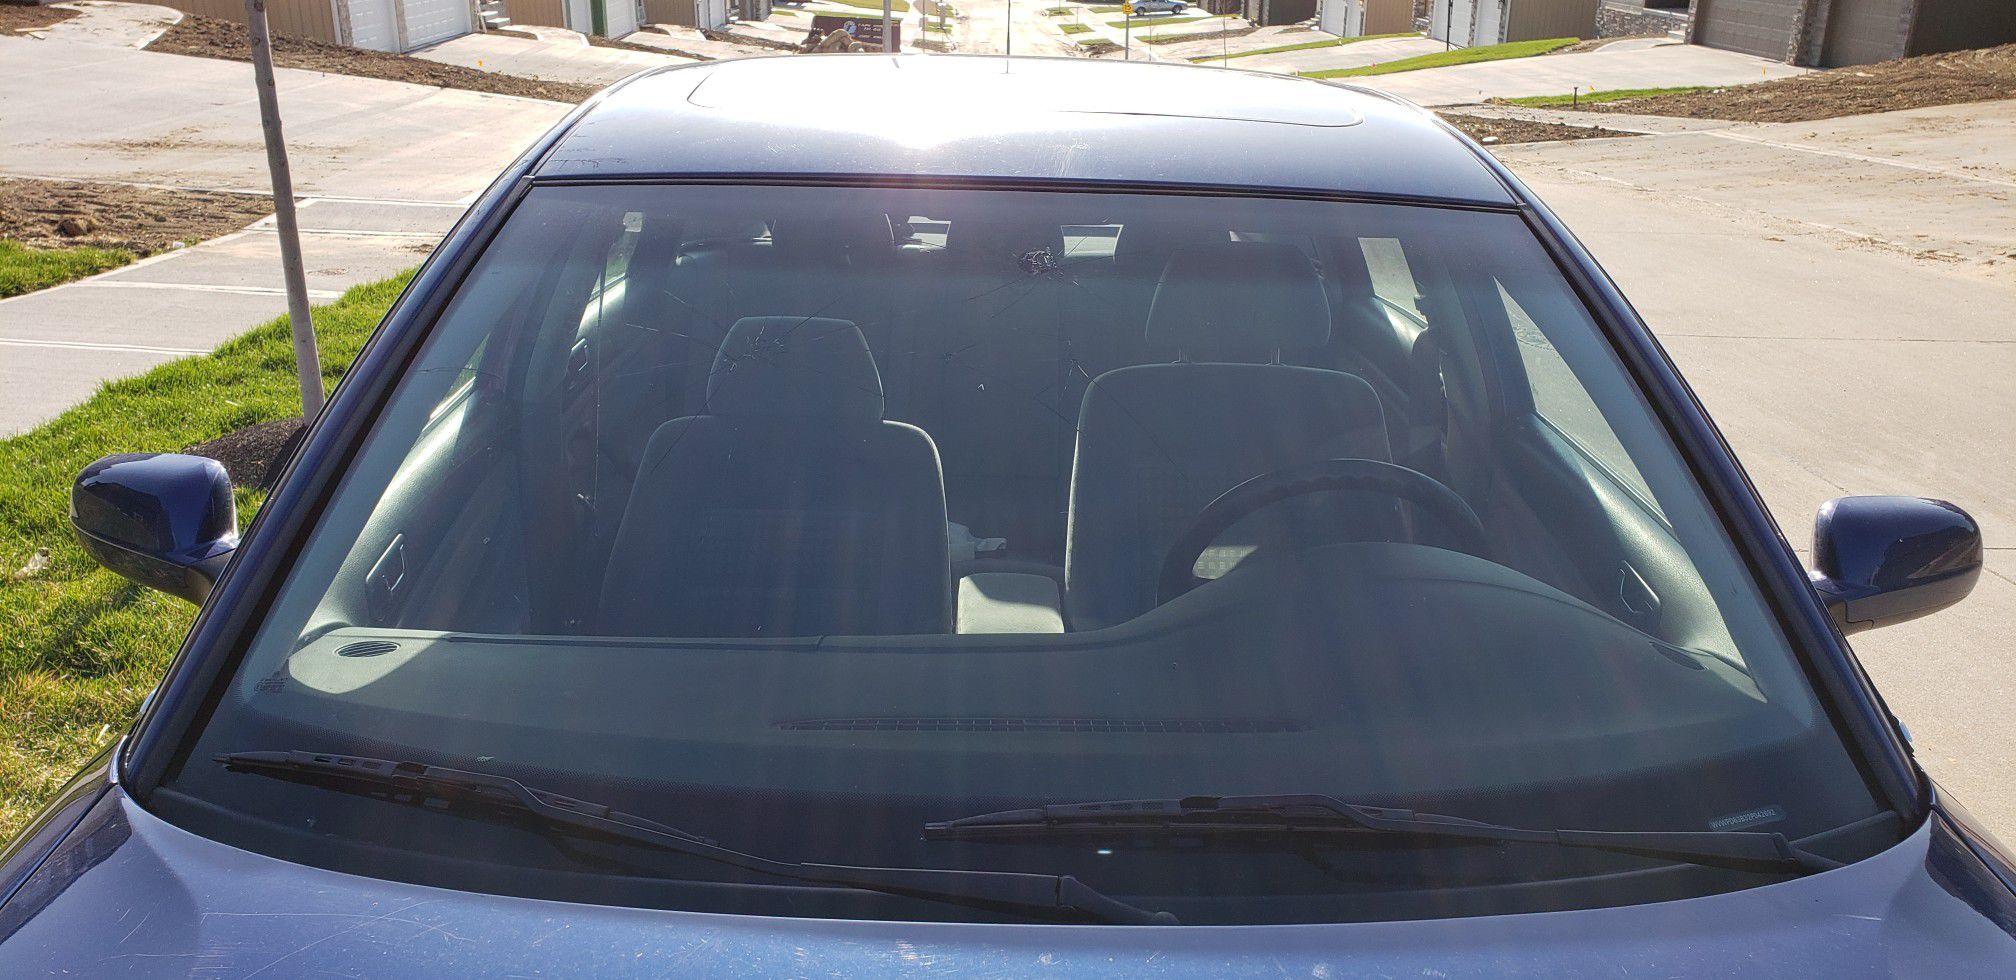 2006 volkswagen passat windshield wipers